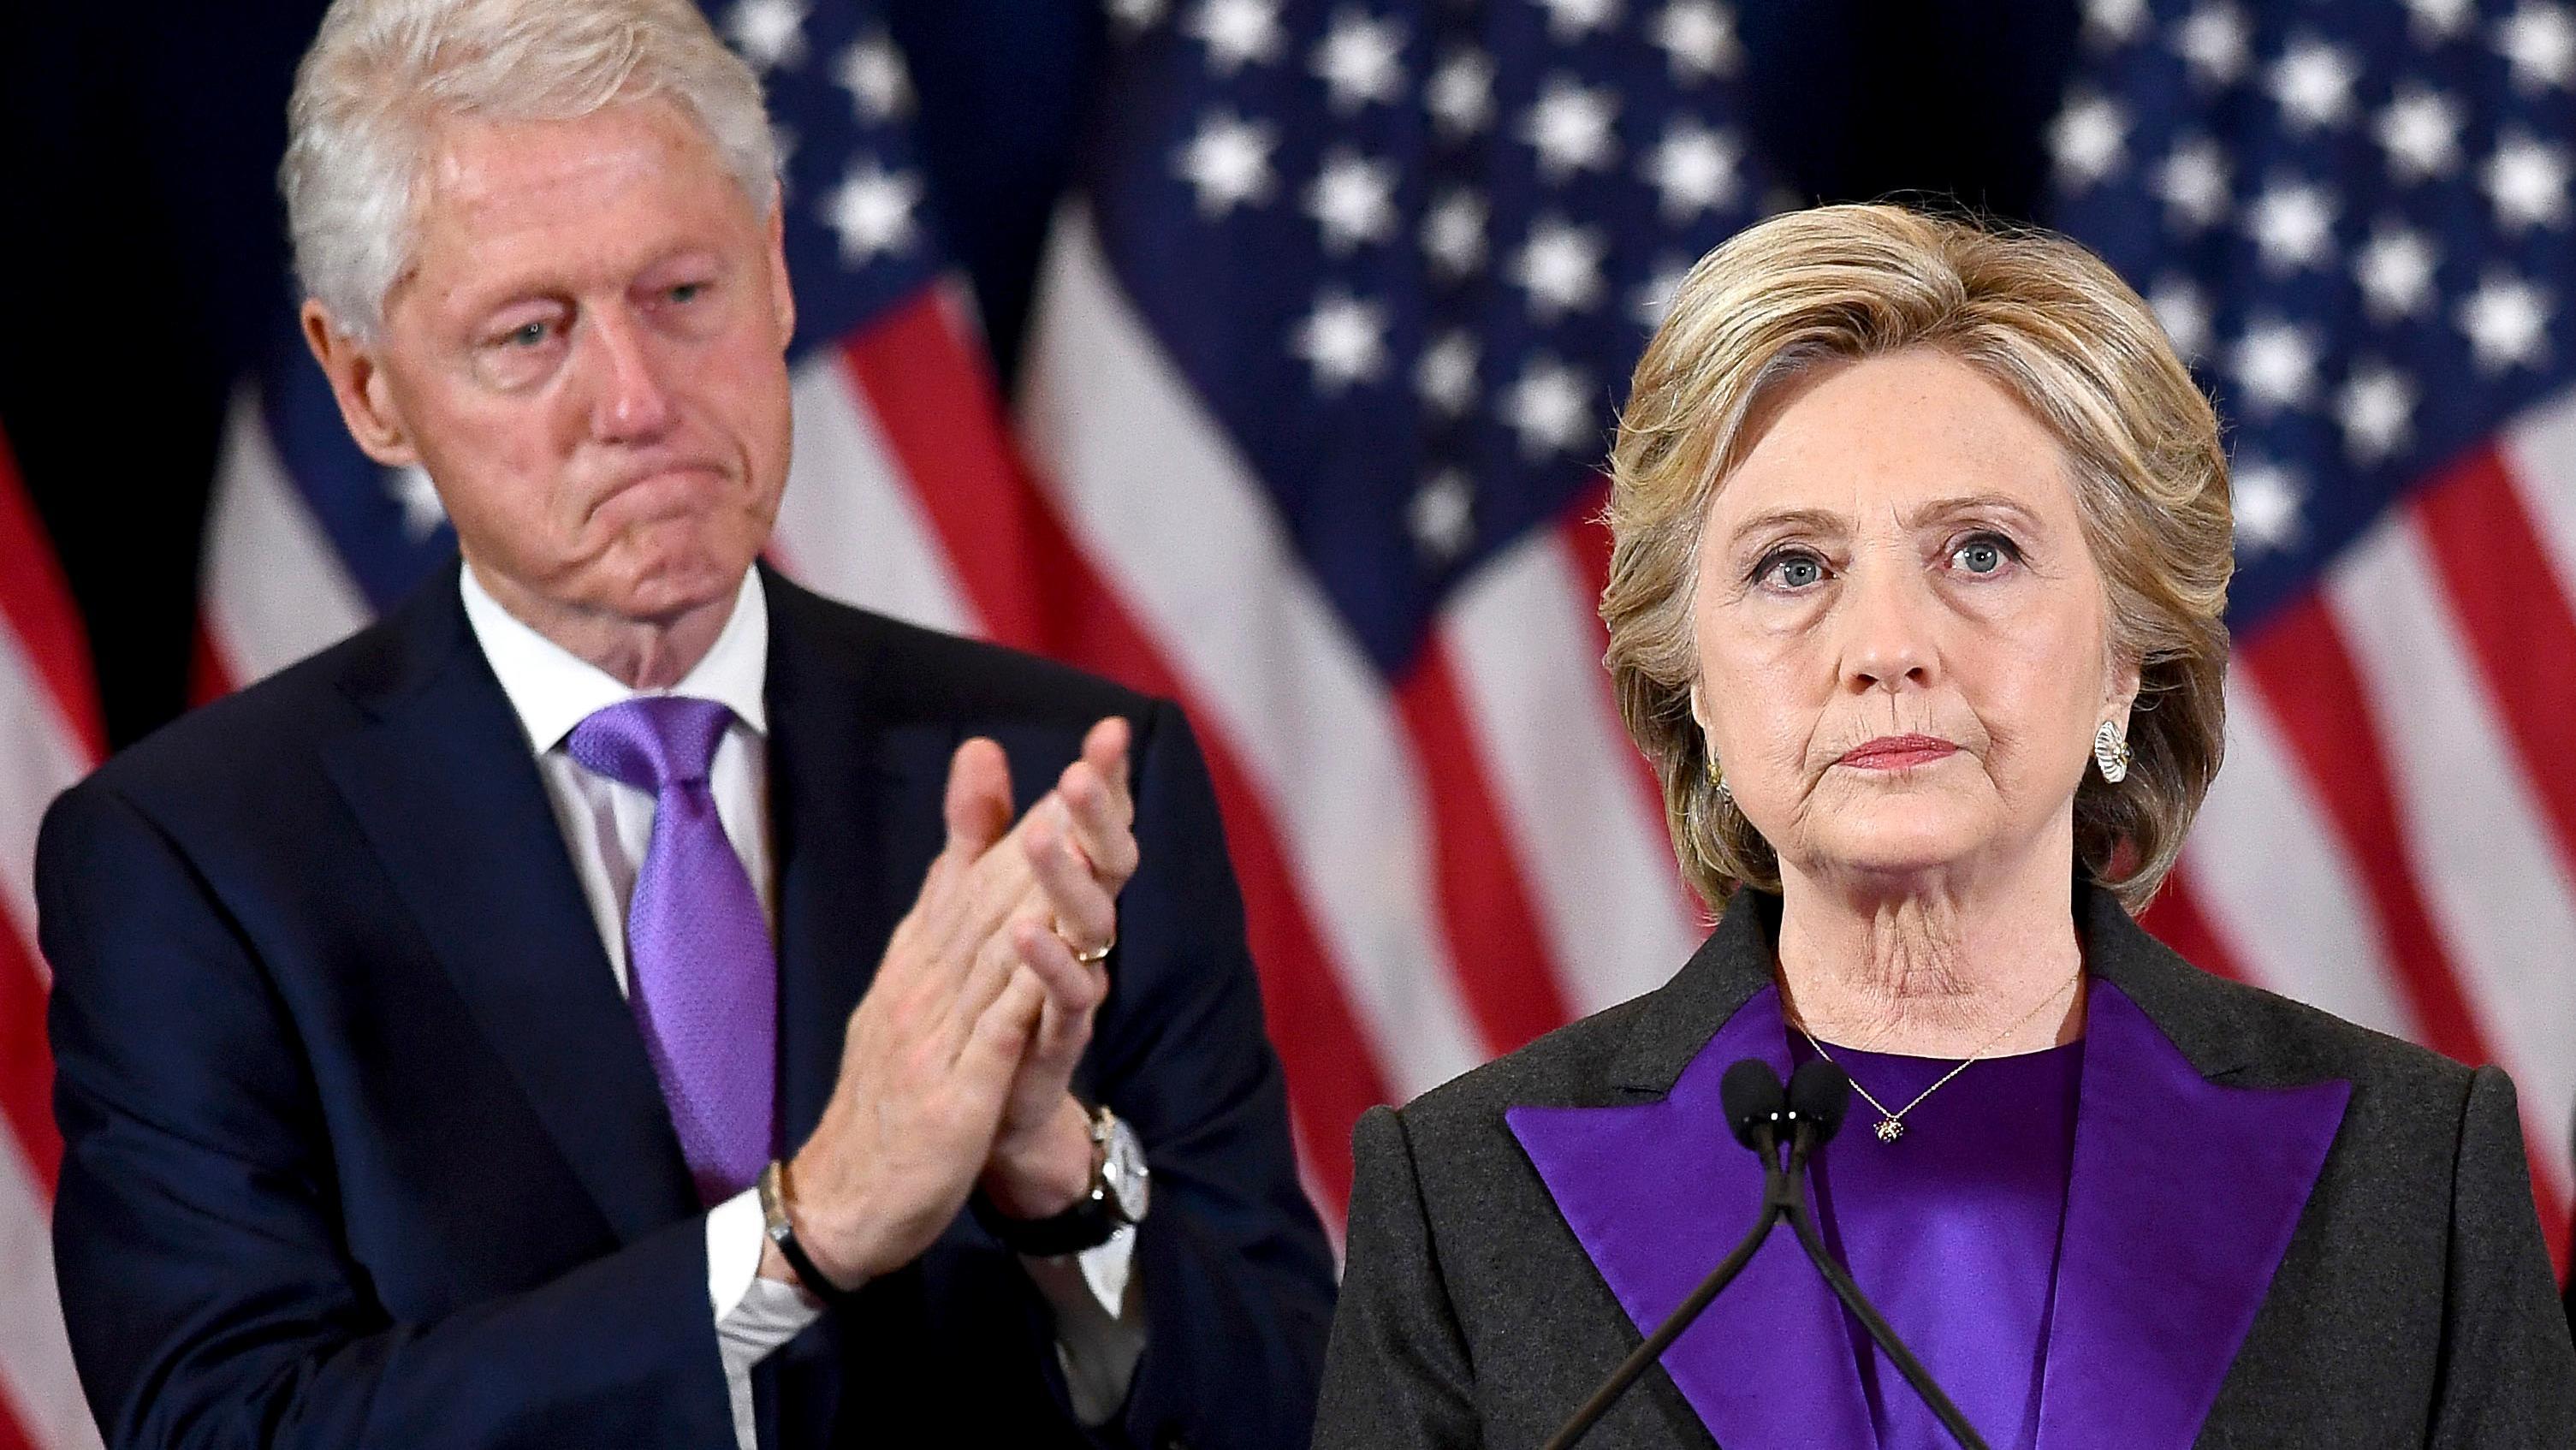 La candidata por el Partido Demócrata admitió que el resultado electoral fue doloroso.